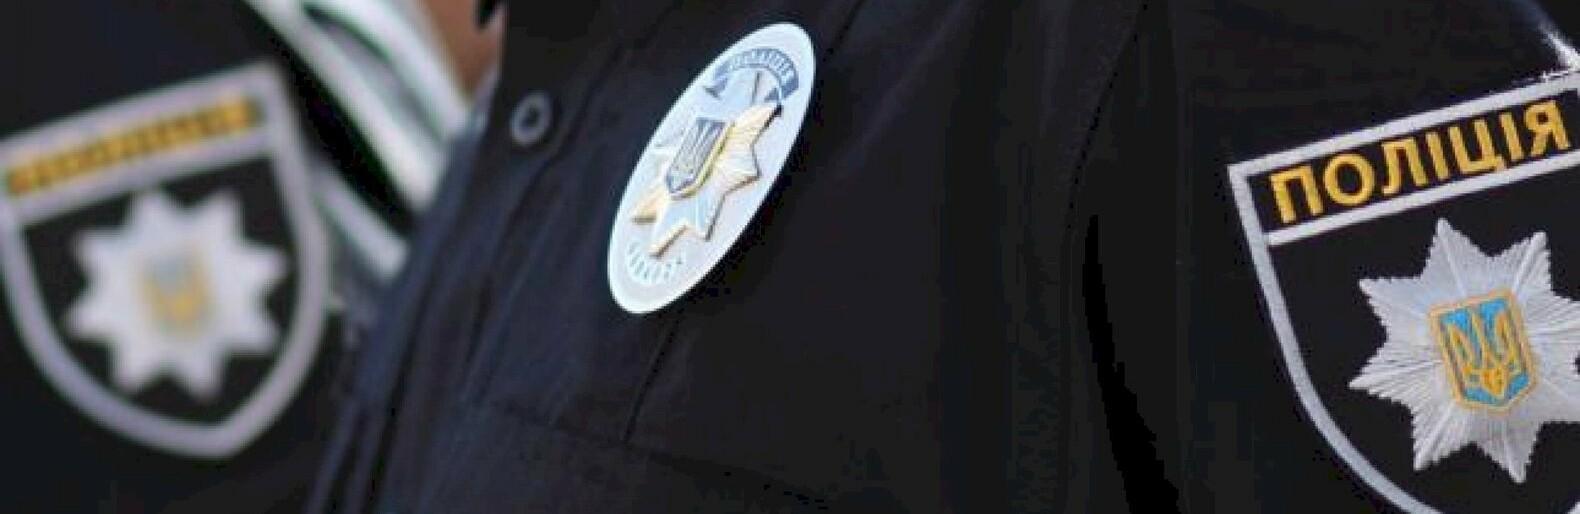 В Одесской области нетрезвый мужчина угрожал пистолетом с салоне ав...0